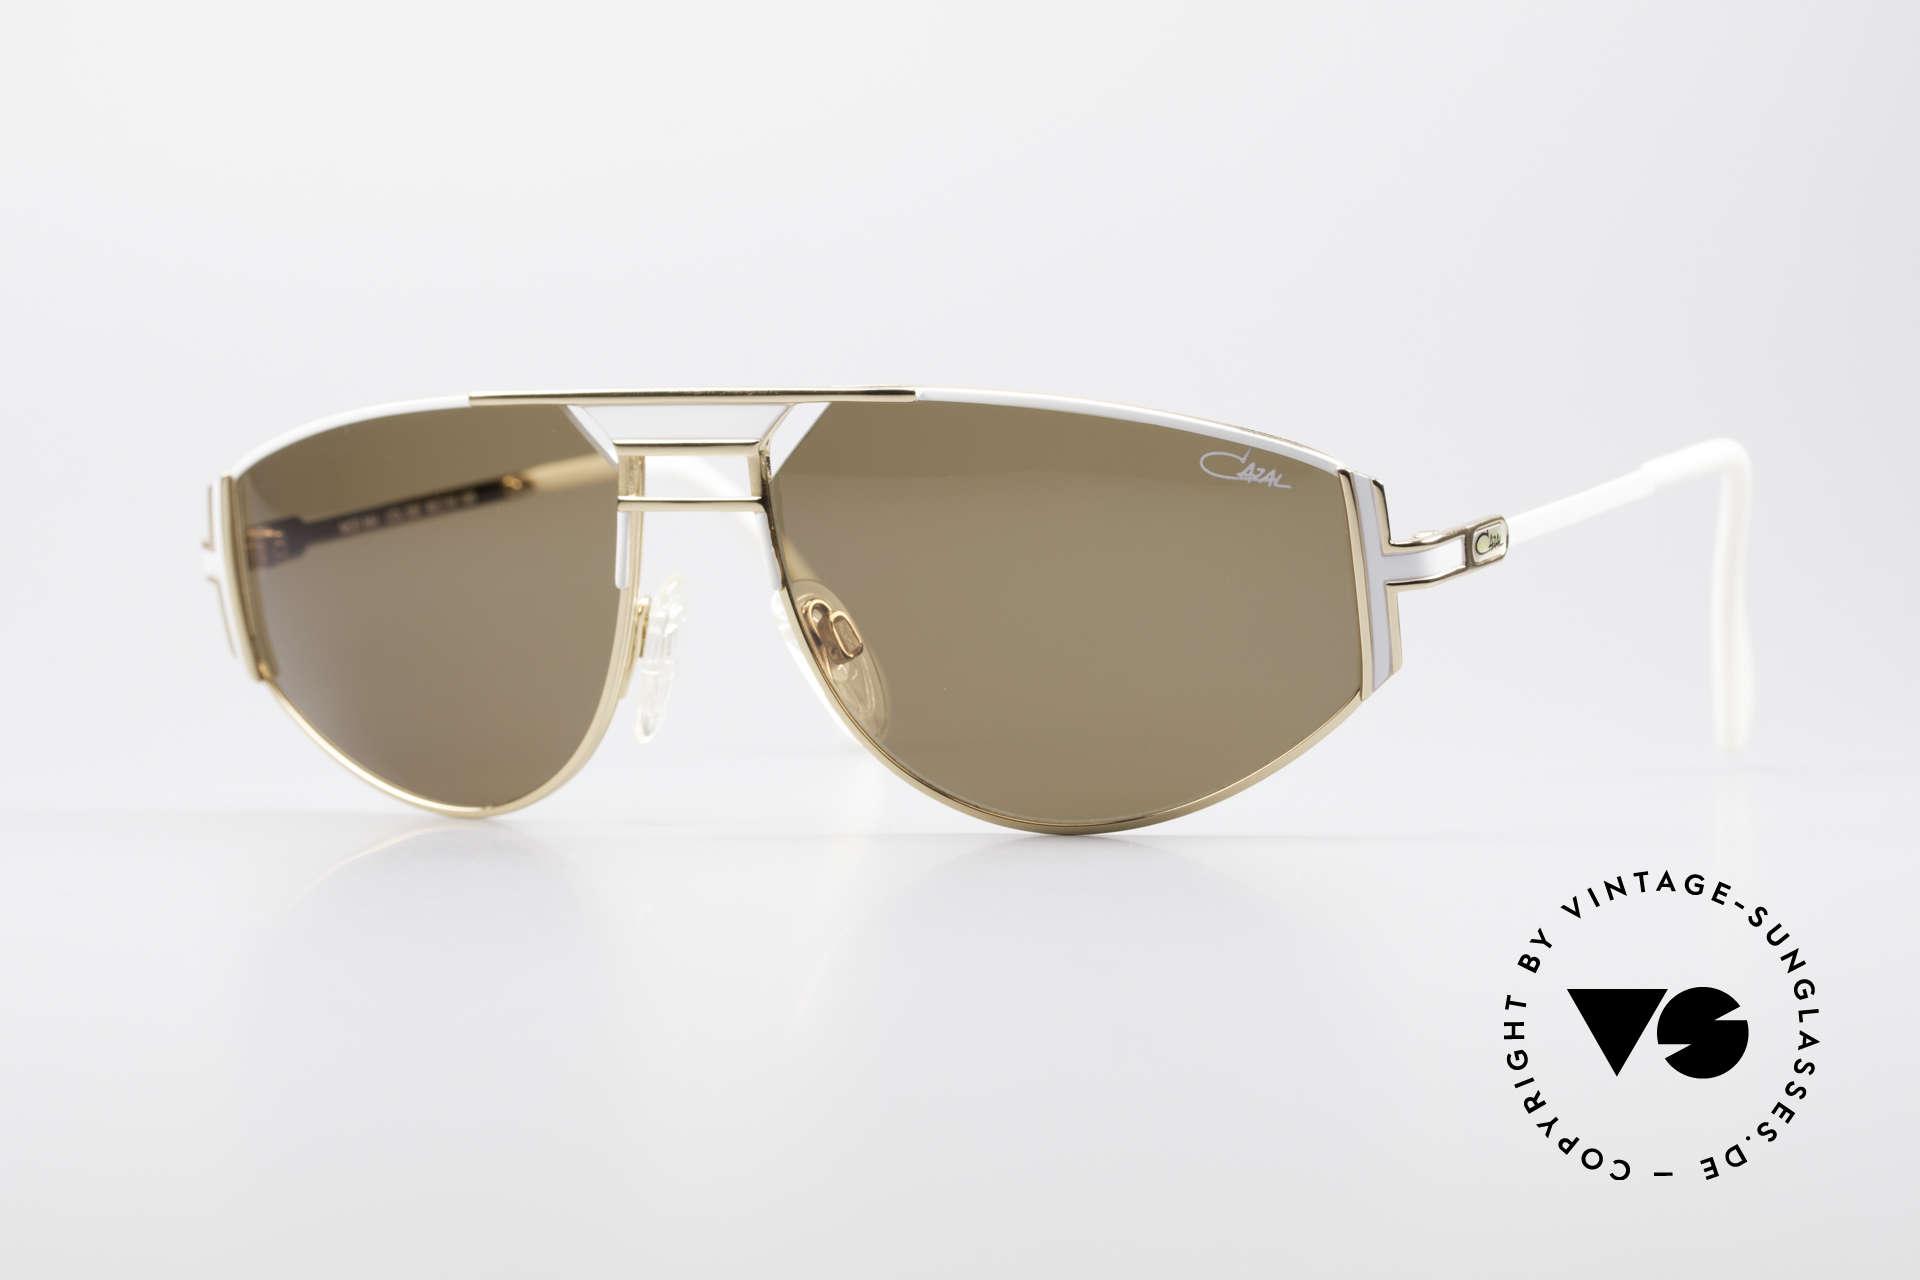 Cazal 964 True 90's Original Shades, original Cazal vintage designer sunglasses from 1994, Made for Men and Women